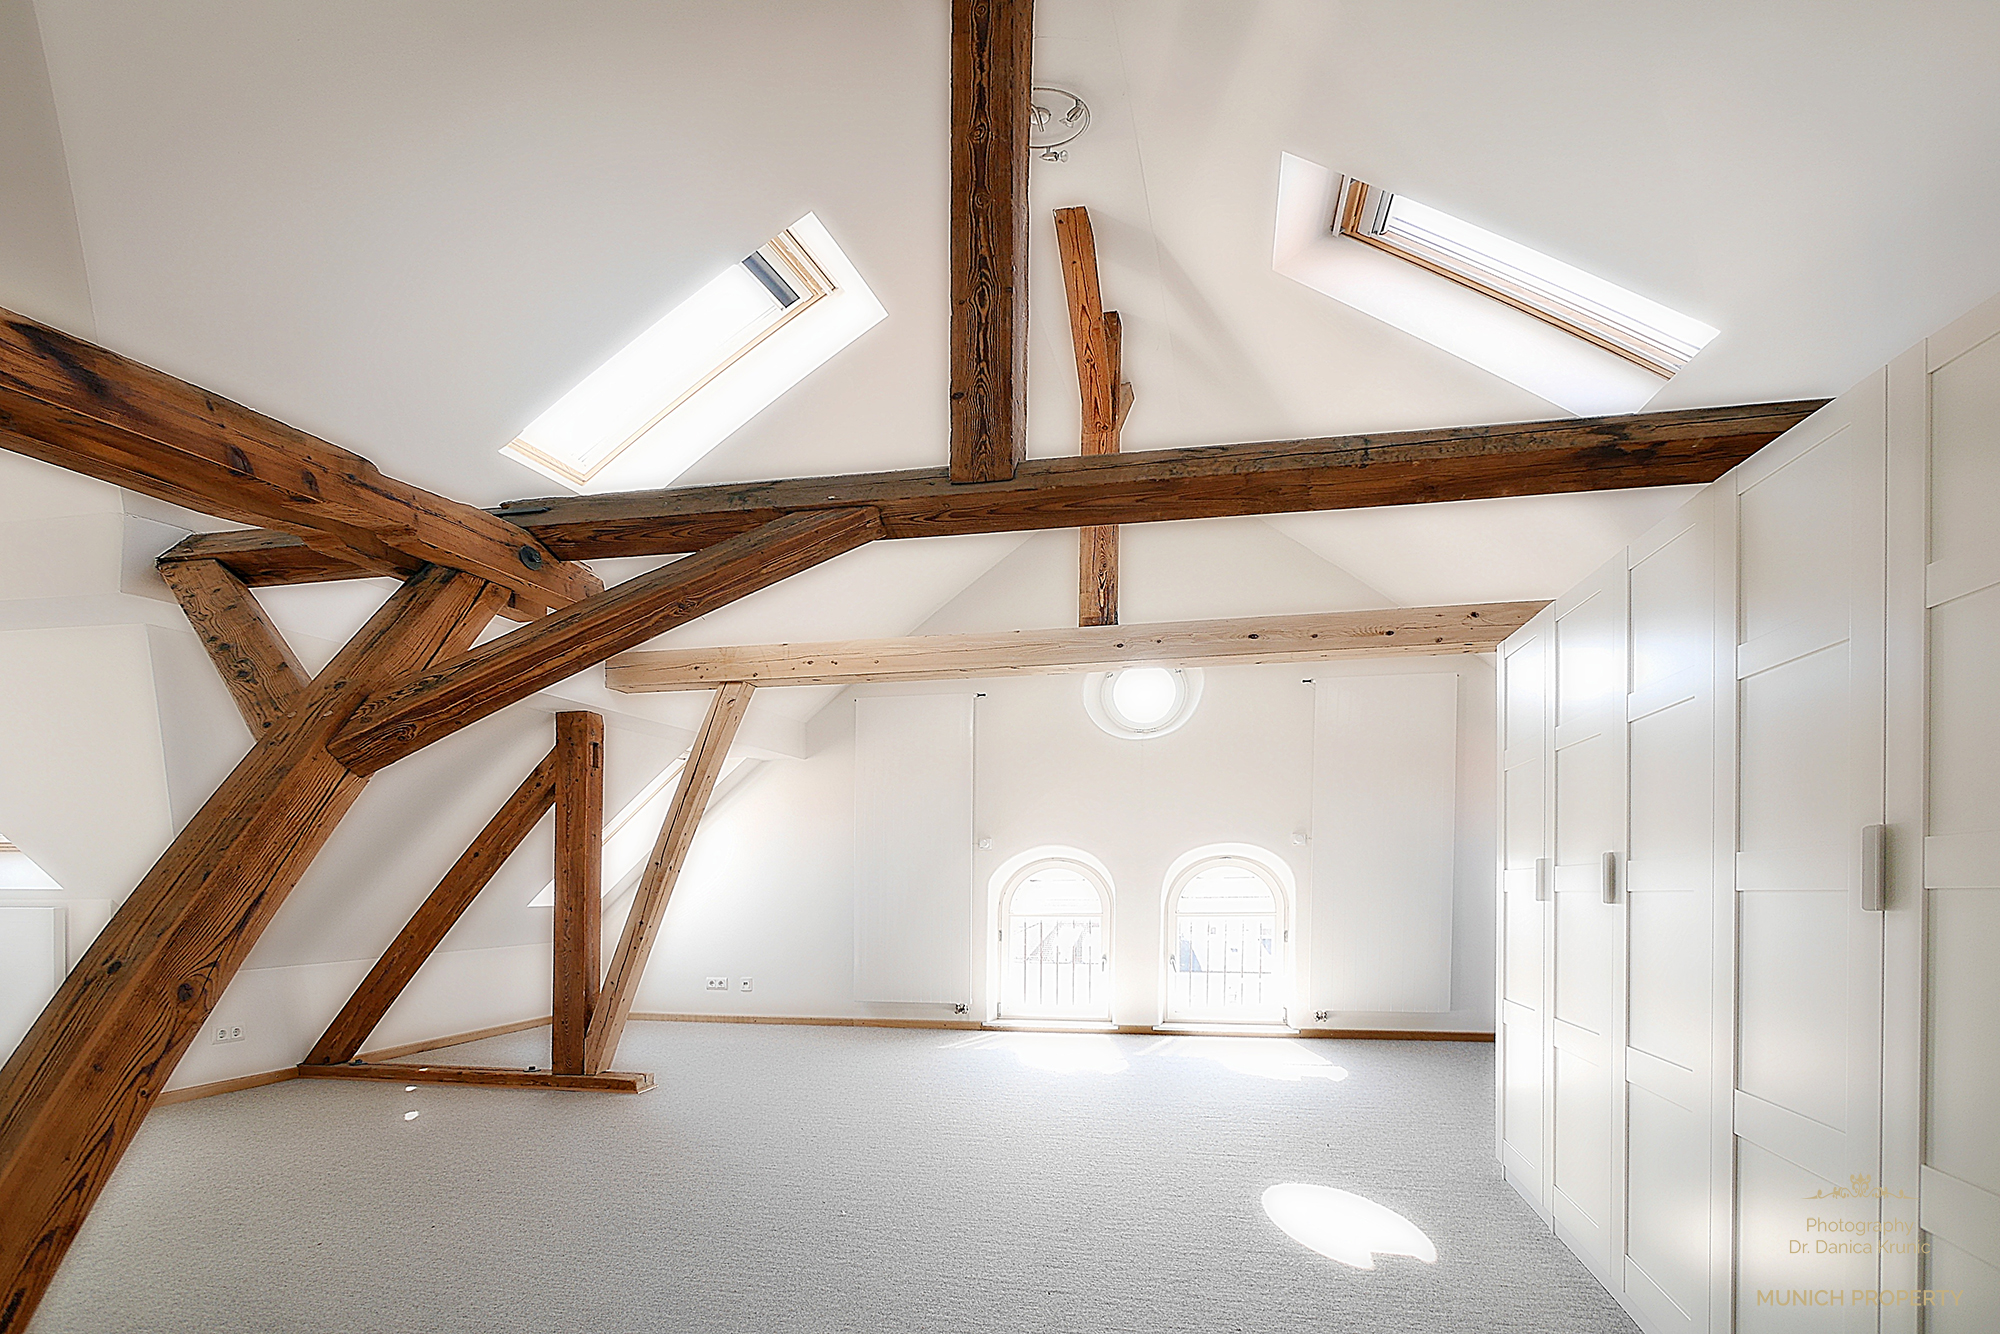 Wohnung München Isarvorstadt Ludwigsvorstadt Glockenbach: Luxus Altbau Wohnung mit Galerie, Parkett, Säulen, Schrägen, sehr angenehme Räumhöhe